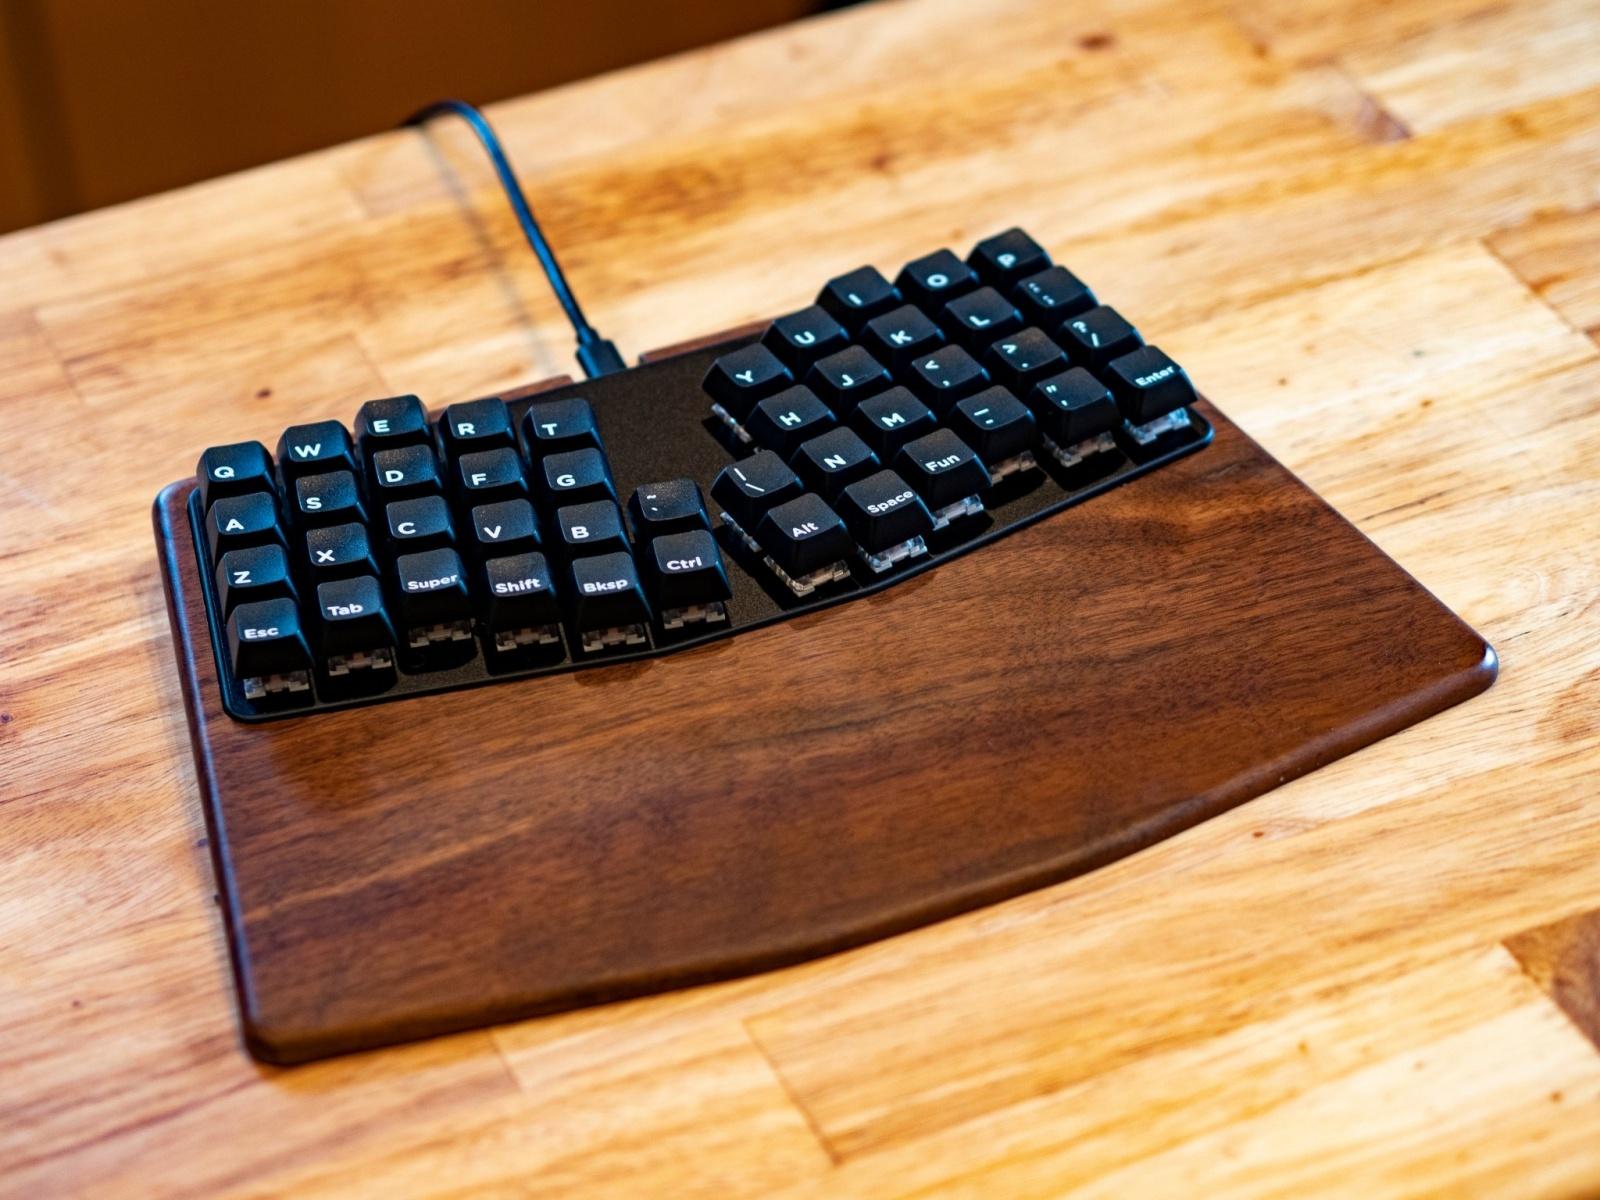 Ортолинейная сплит клавиатура — это что такое? Обзор Iris Keyboard - 30